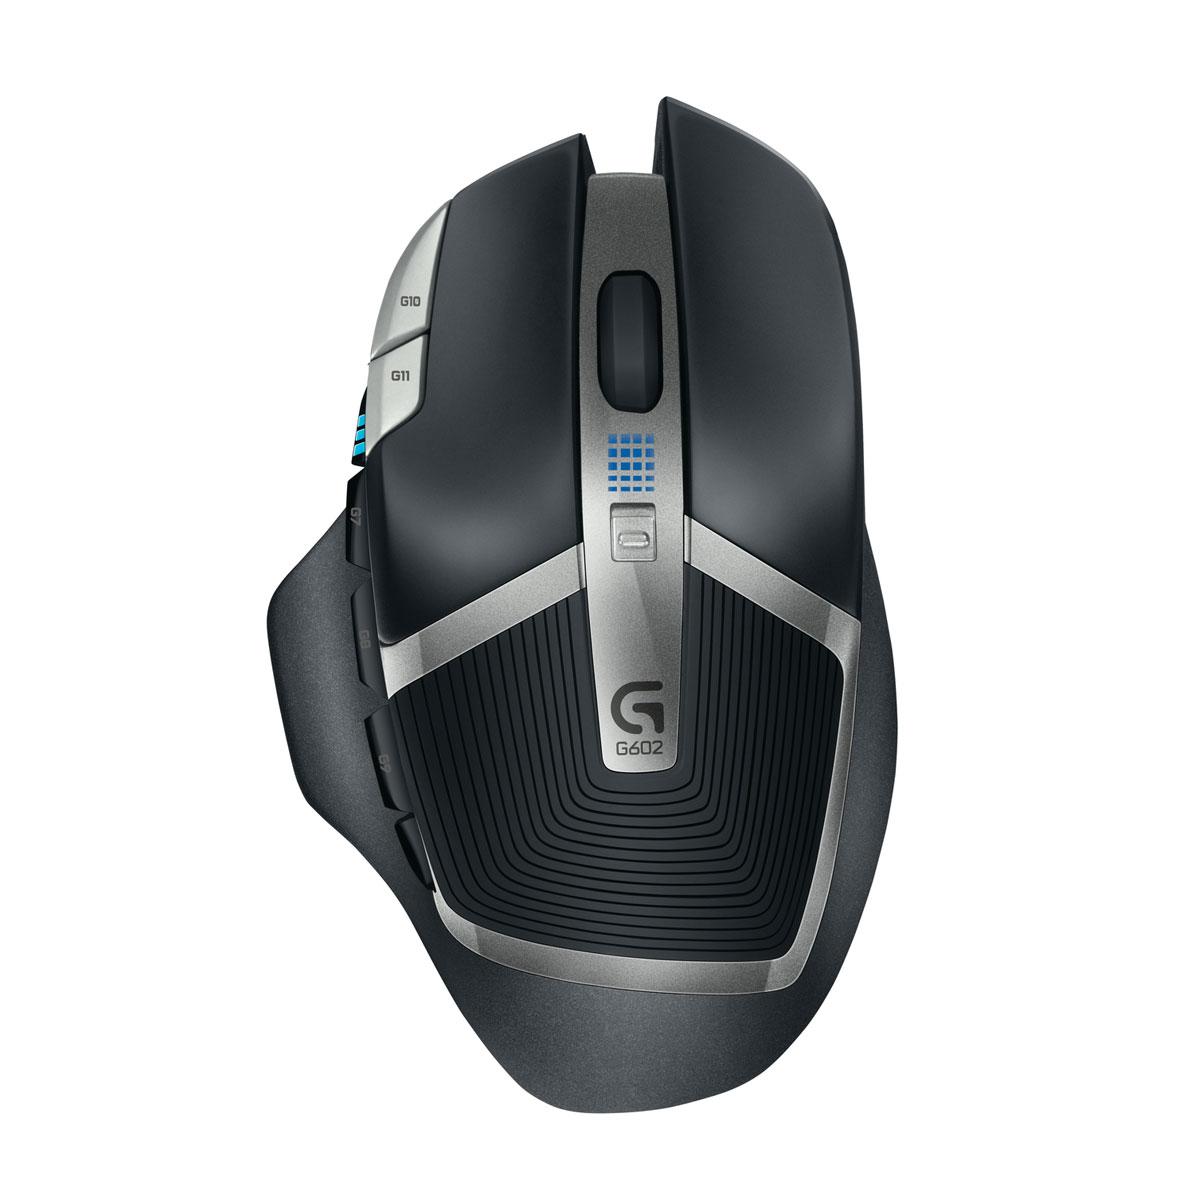 Souris PC Logitech G602 Wireless Gaming Mouse Souris sans fil pour gamer - droitier - capteur laser 2500 dpi - 11 boutons programmables